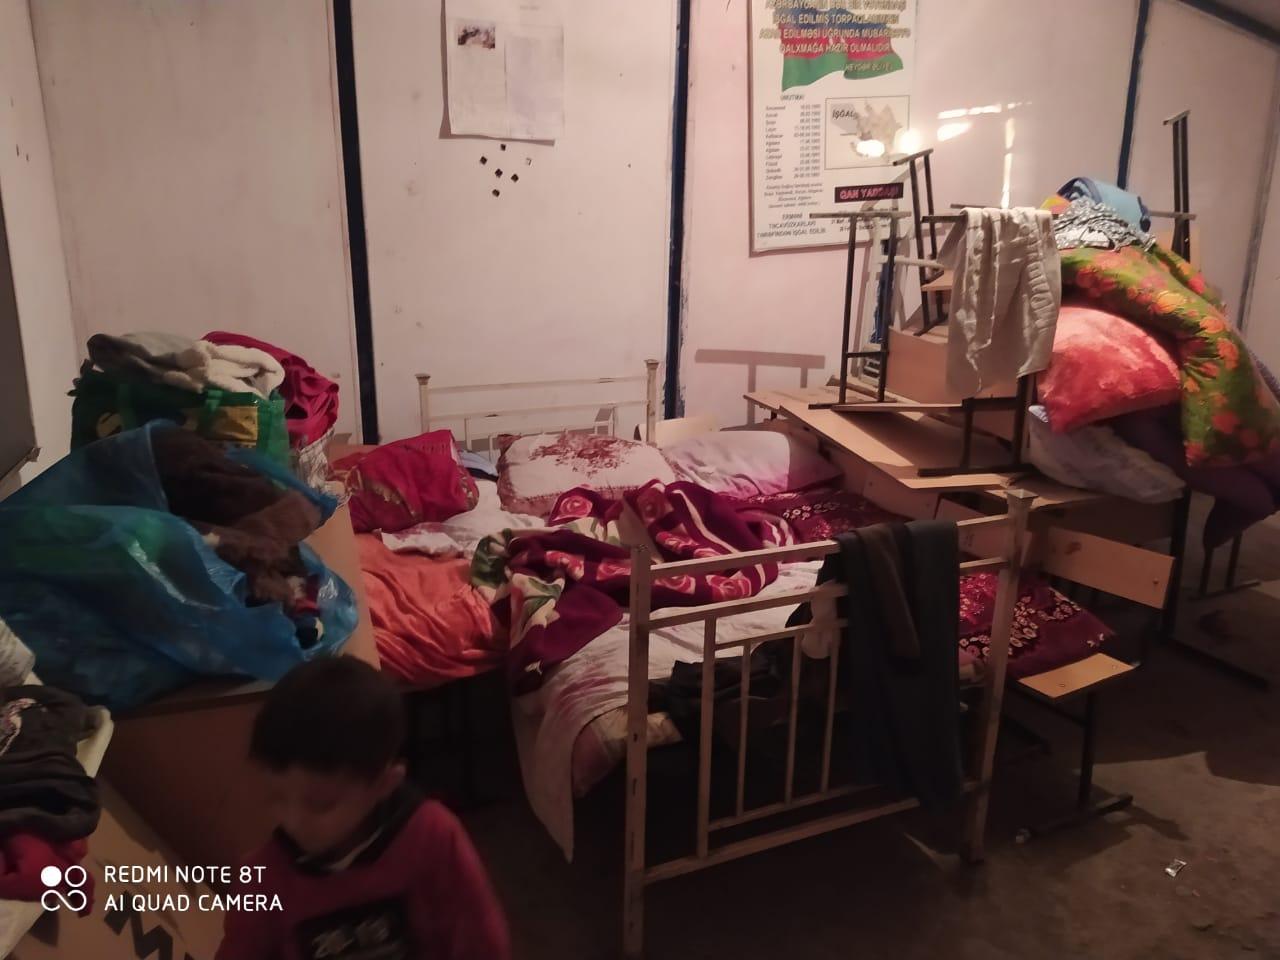 Кровать в школе, отданной под убежище для перемещенных лиц, Барда. Фото: Санубар Гейдарова.